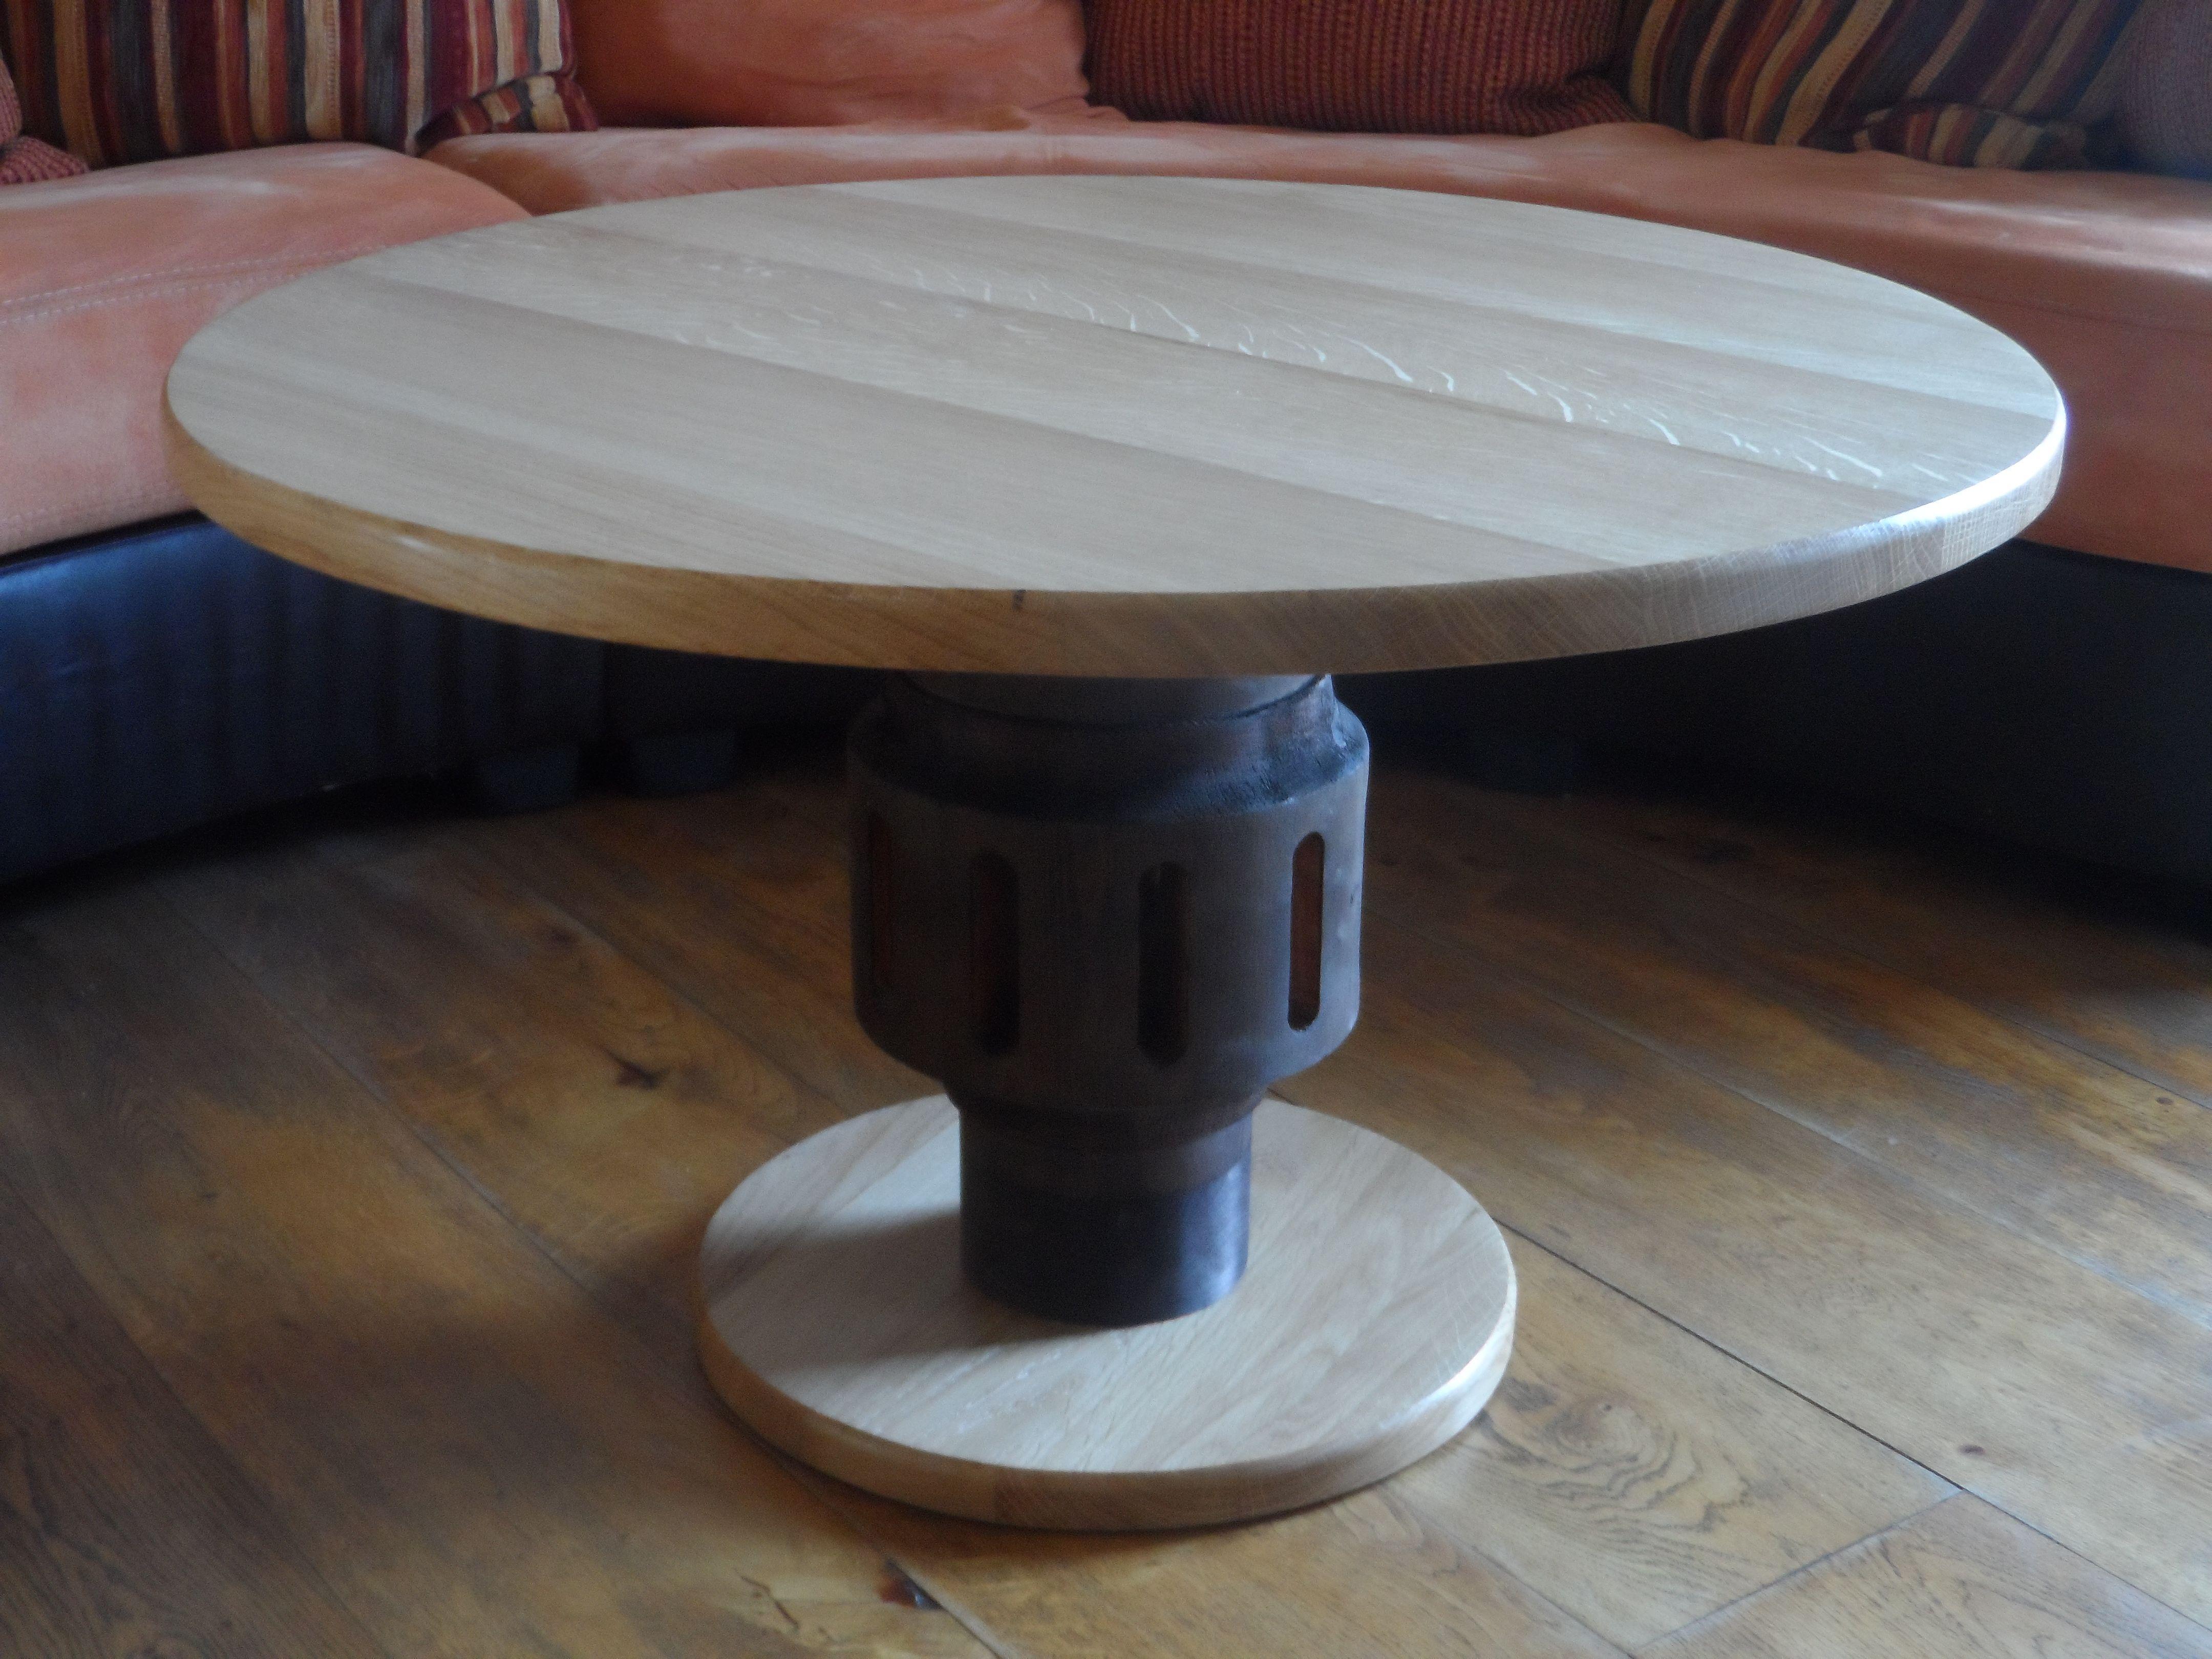 Table de salon en ch ne massif plateaux et sapin pied r alis partir d - Table chene pied metal ...